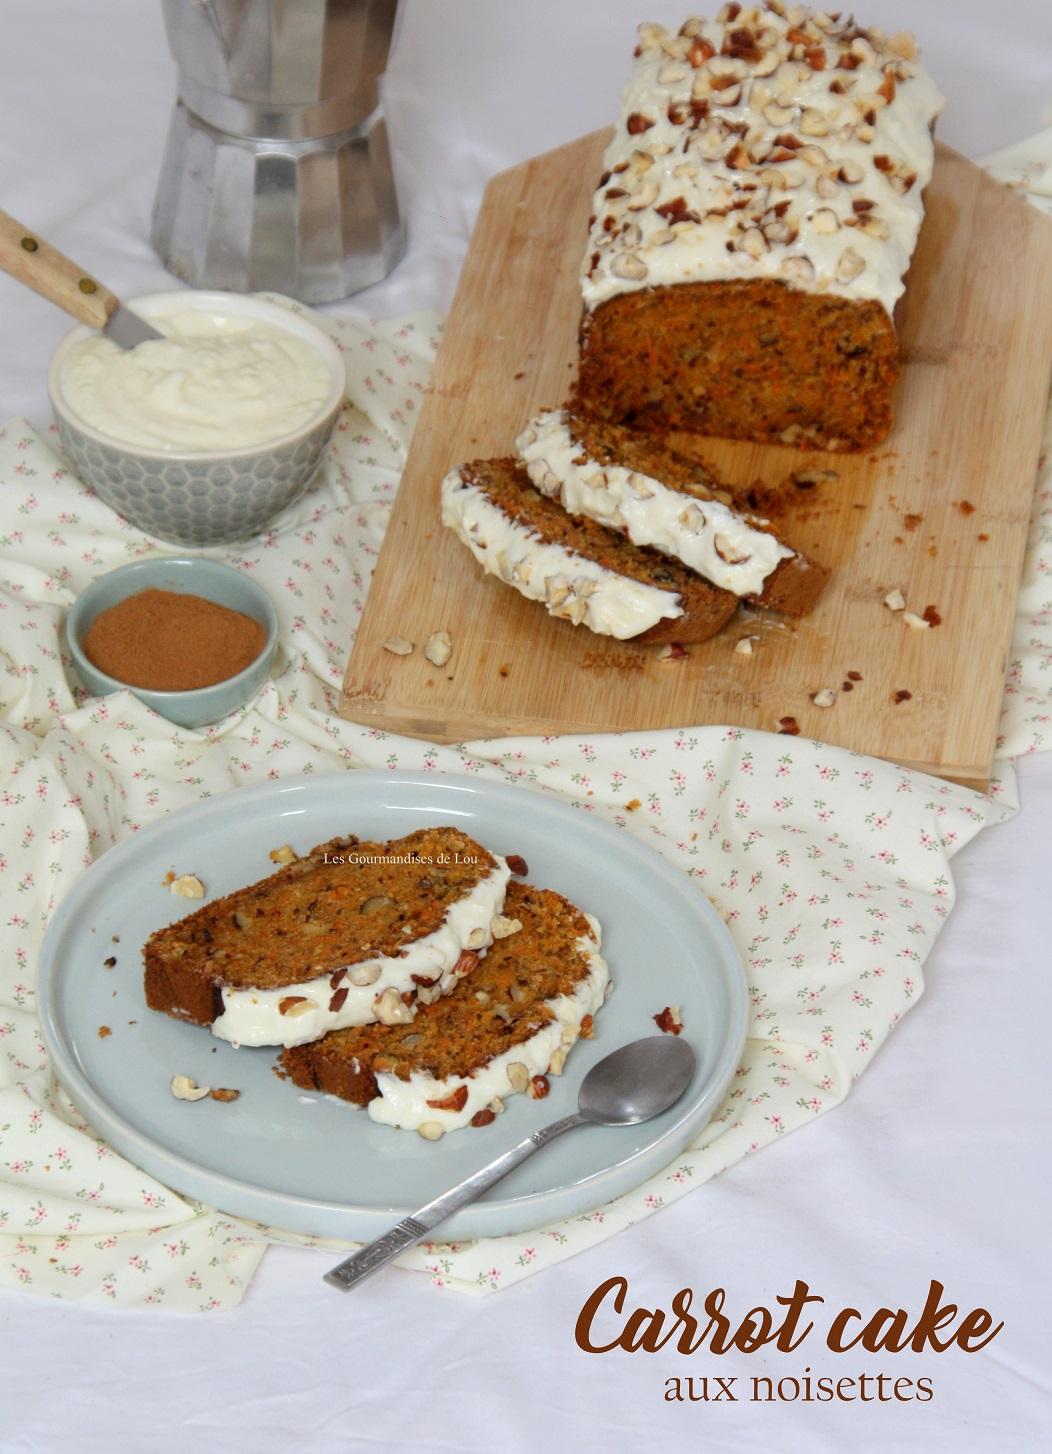 Carrot cake aux noisettes les gourmandises de lou - Recette carrot cake americain ...